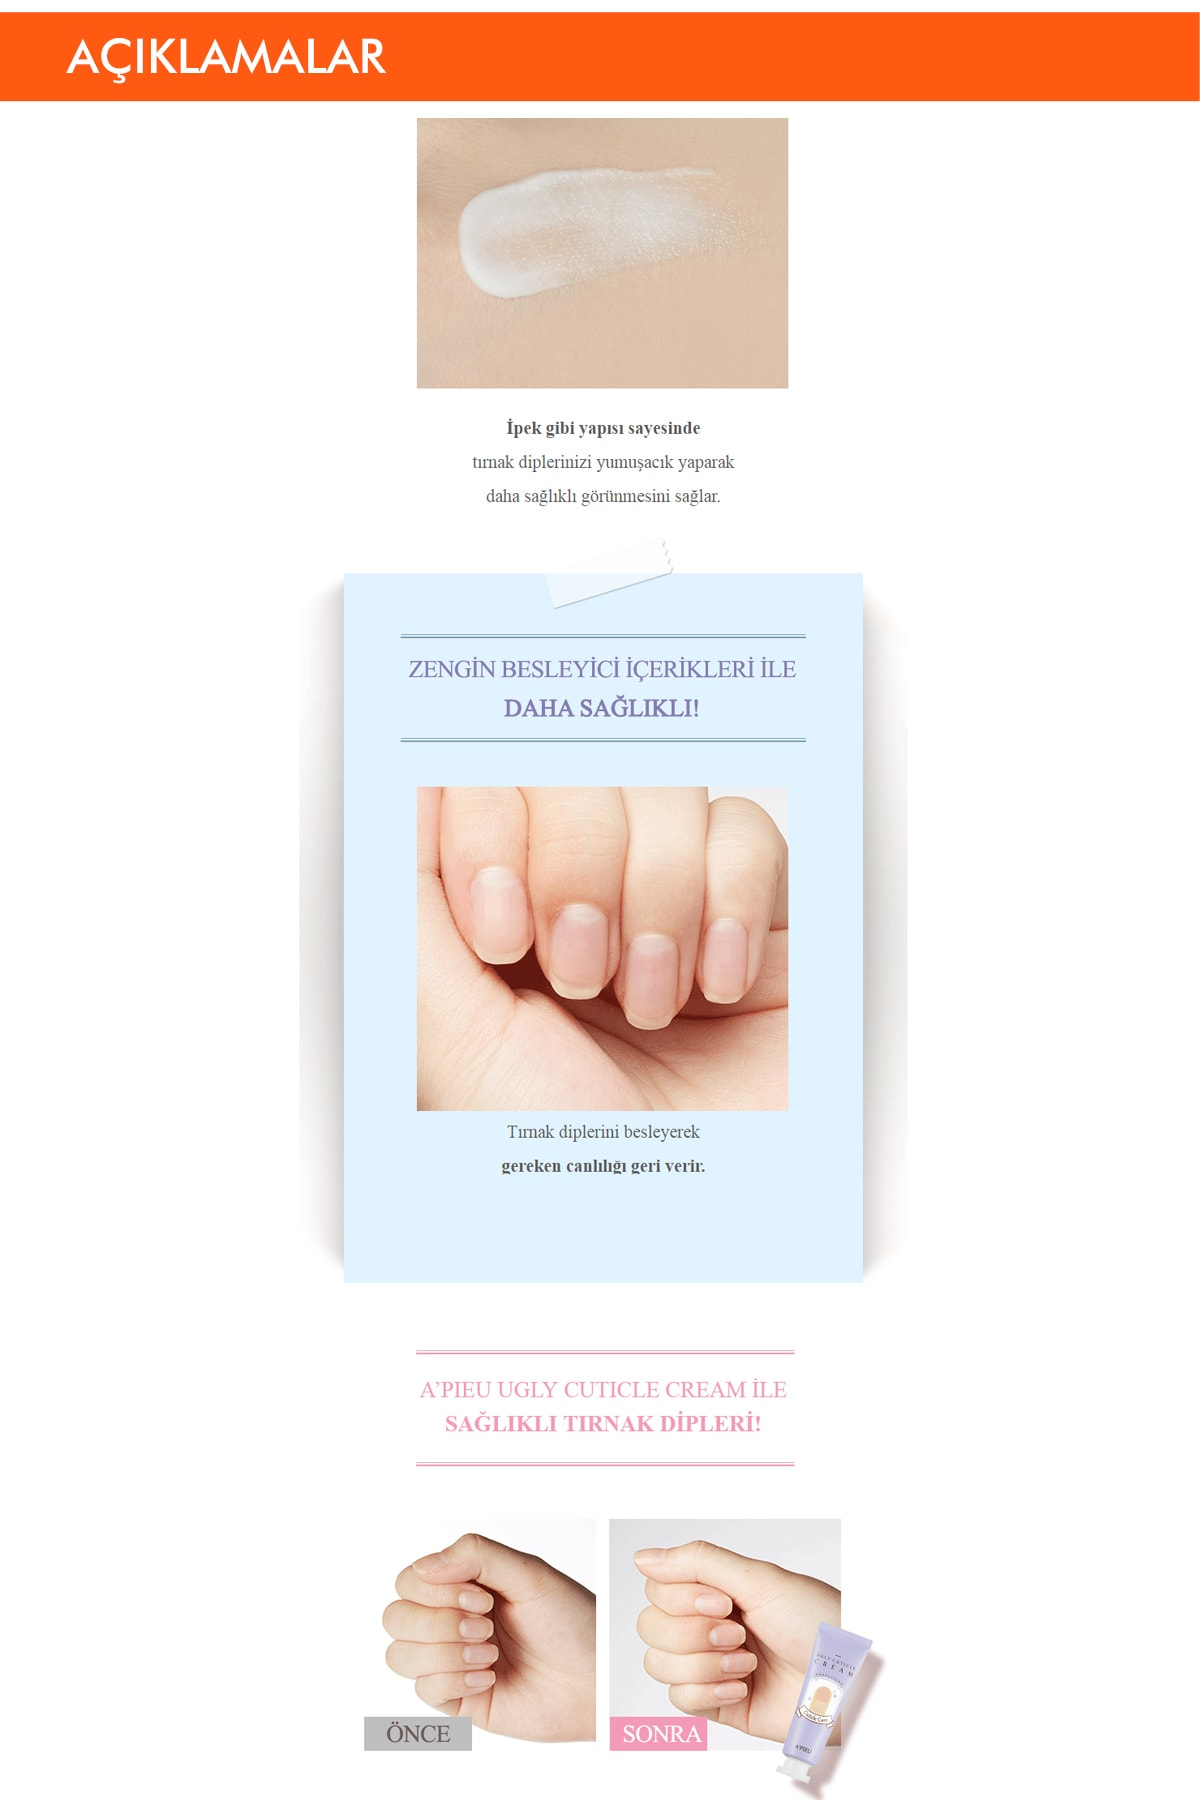 Missha Yıpranmış Ve Kurumuş Tırnak Dipleri İçin Bakım Kremi 10ml APIEU Ugly Cuticle Cream 2